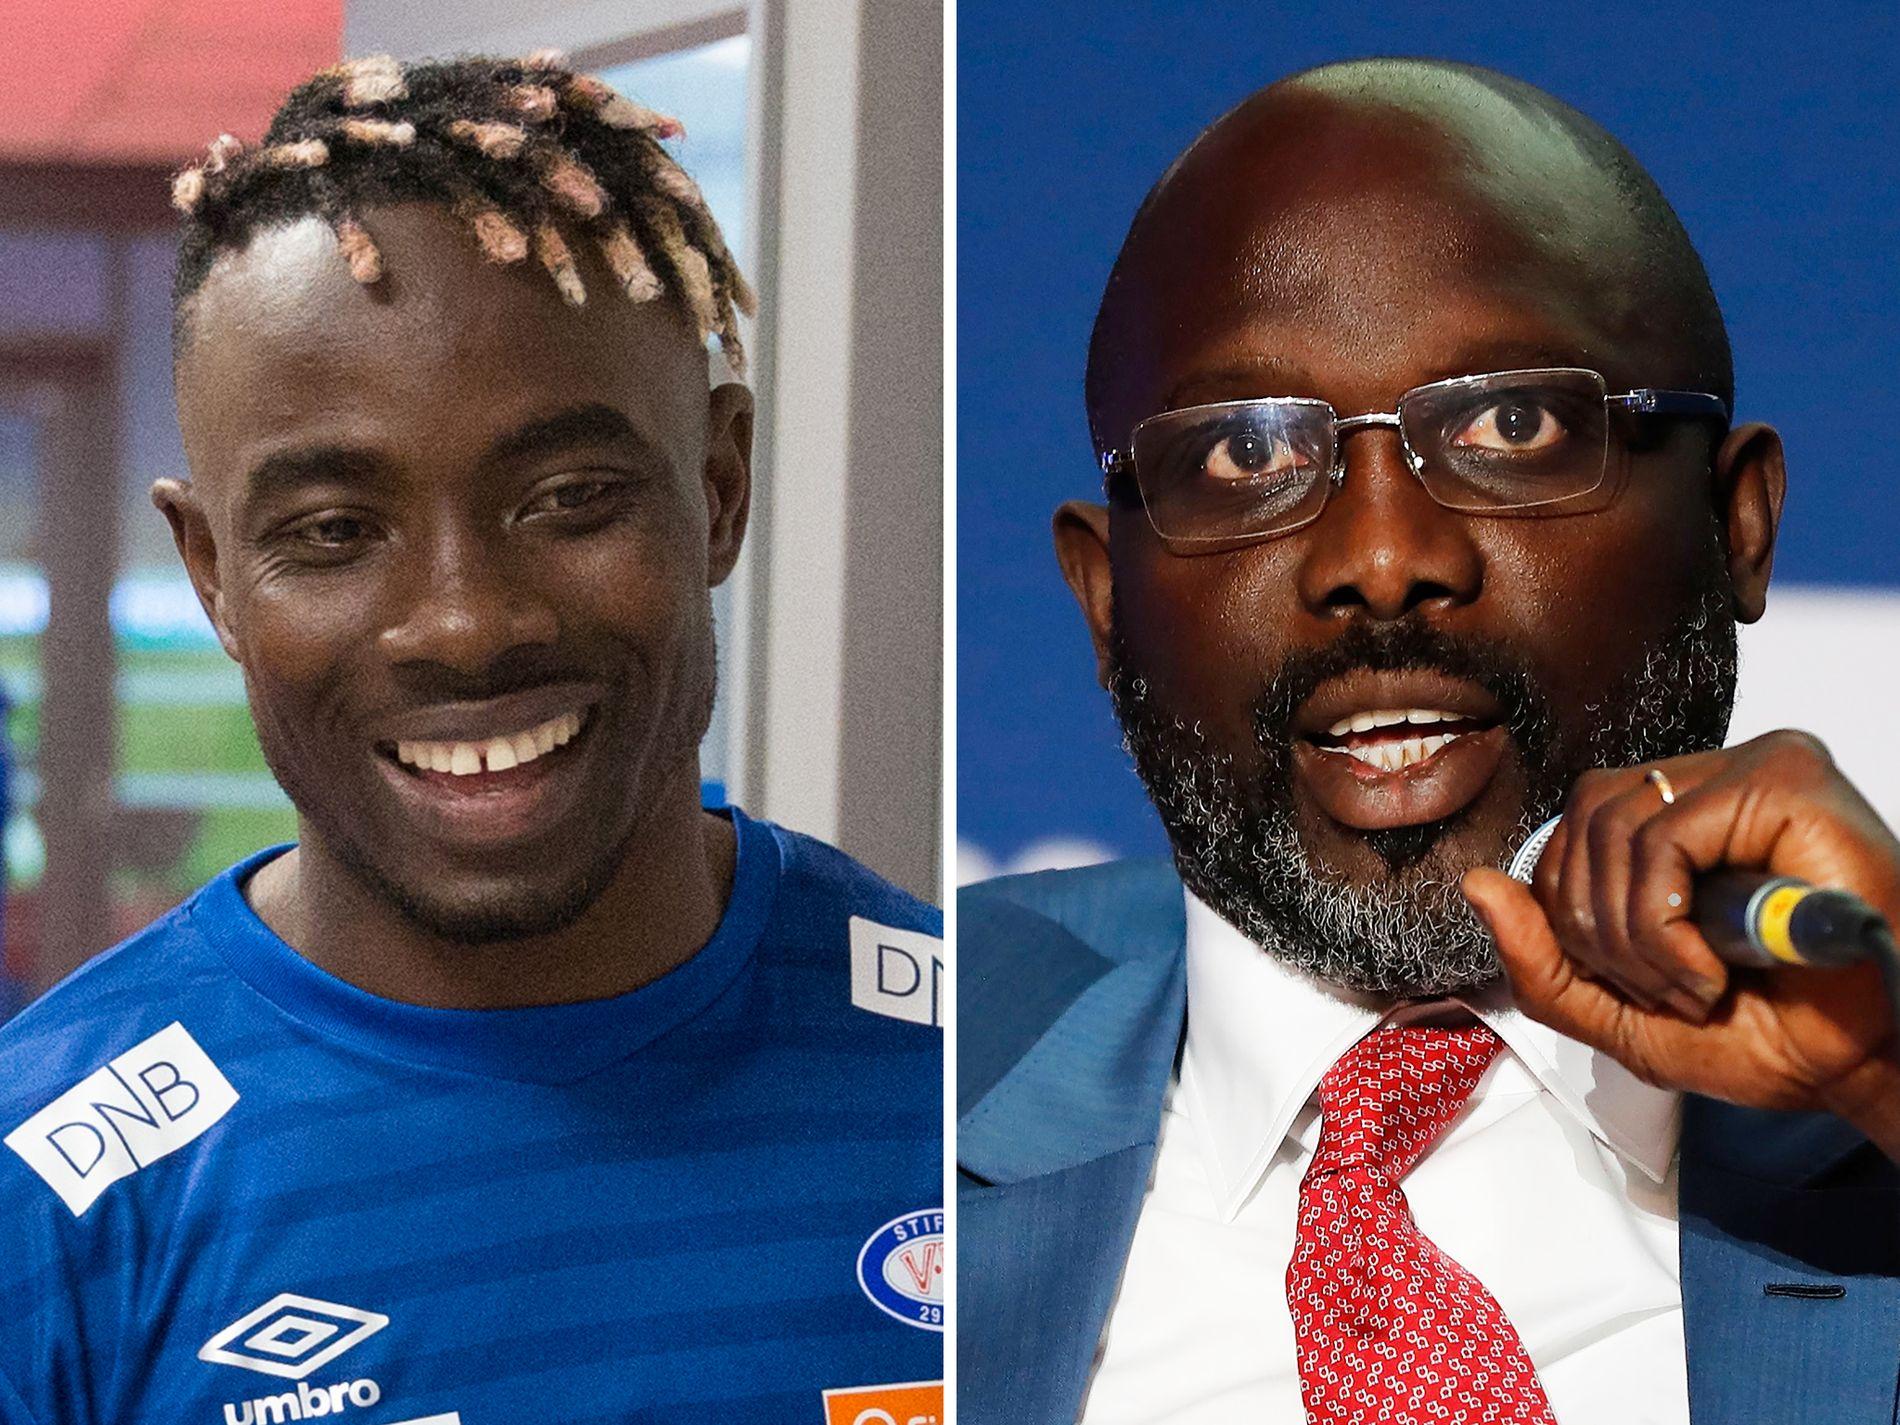 HELTEN: Vålerenga-spiss Sam Johnson (t.v.) inspireres stort av landsmann George Weah. Fotballegenden er nå president i Liberia.